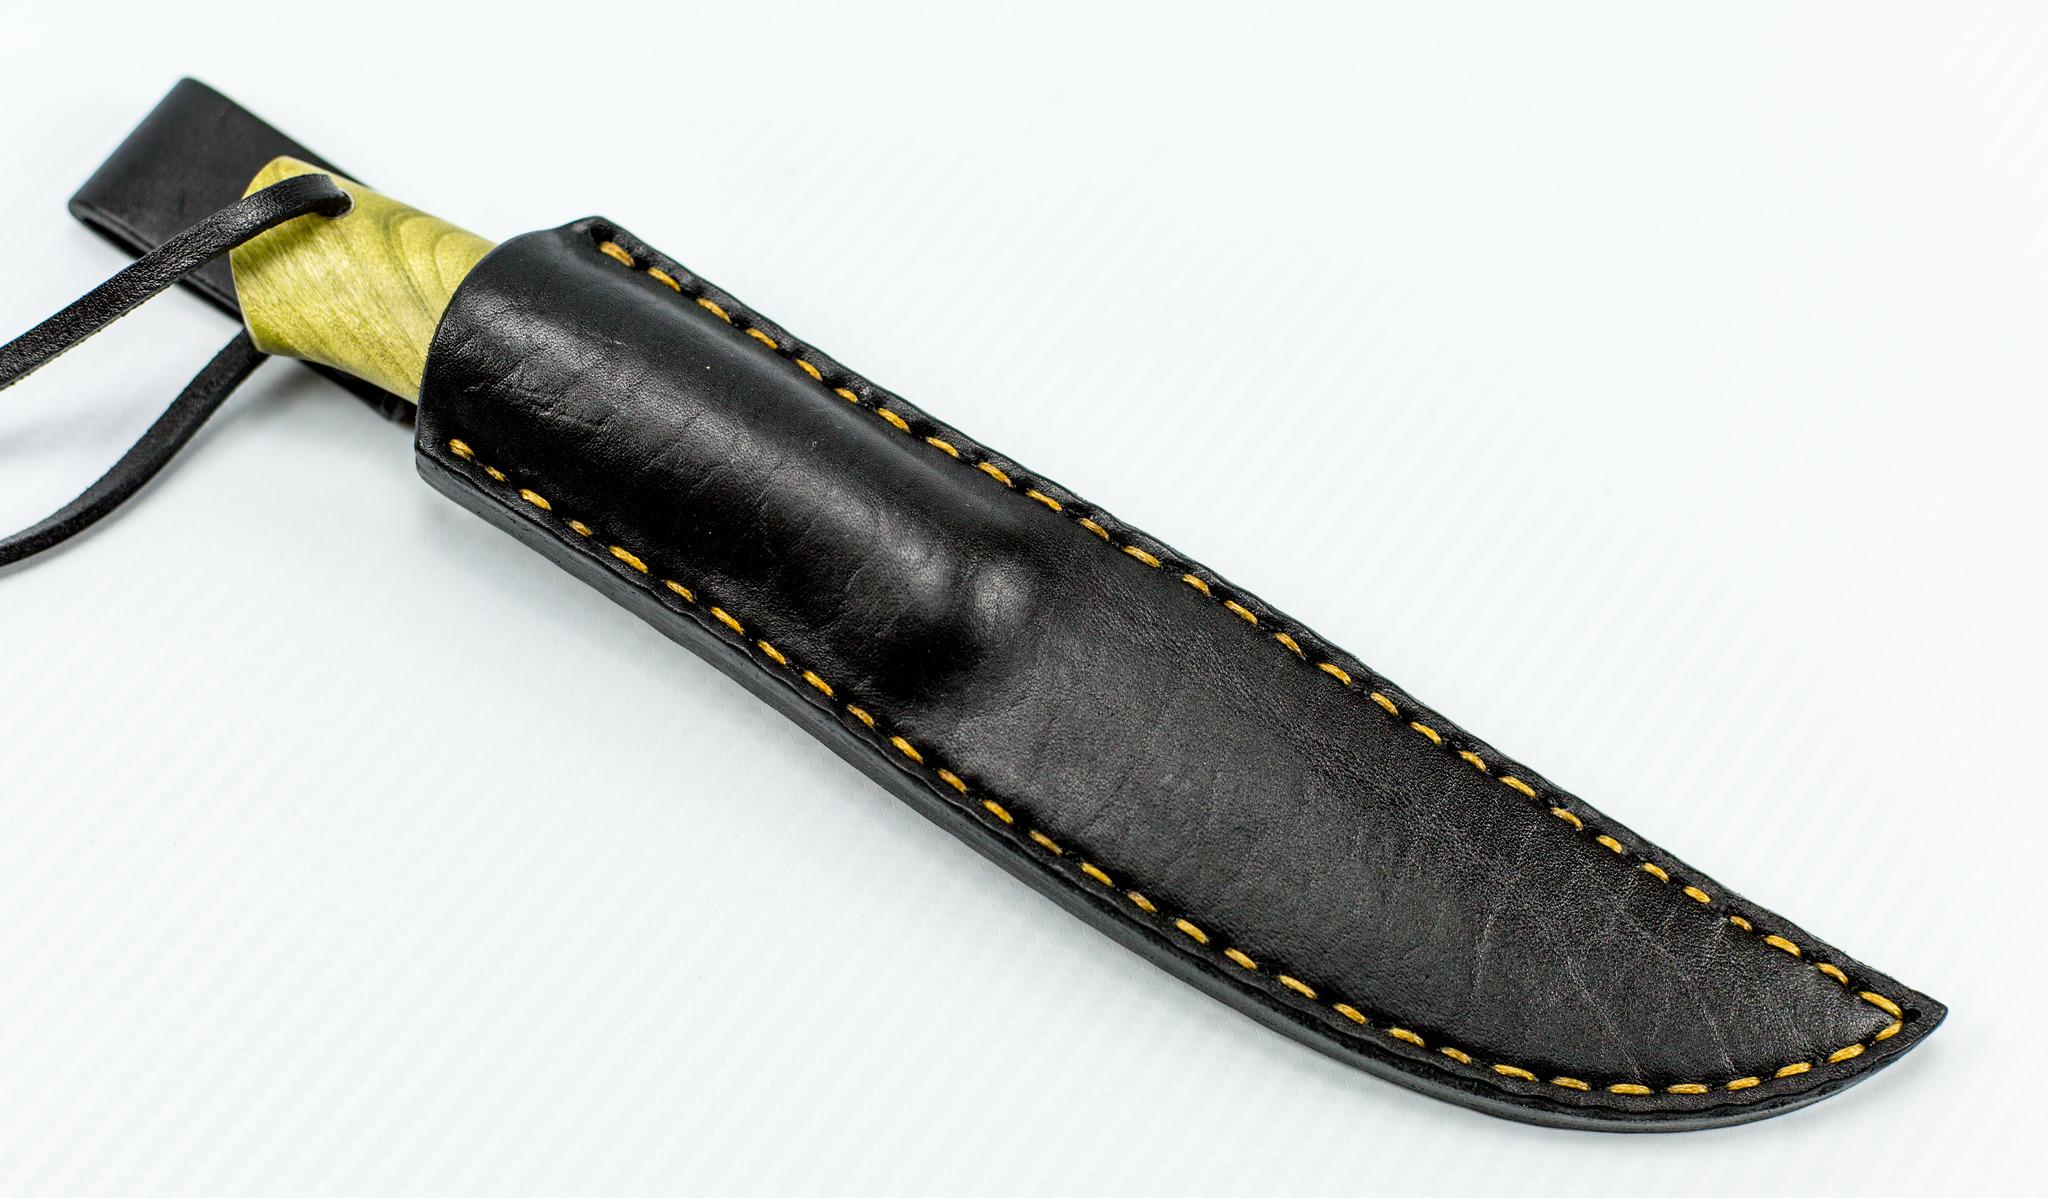 """Нож Лиман, сталь D2, корень тополя-1 от Магазин ножей """"Ножиков"""""""